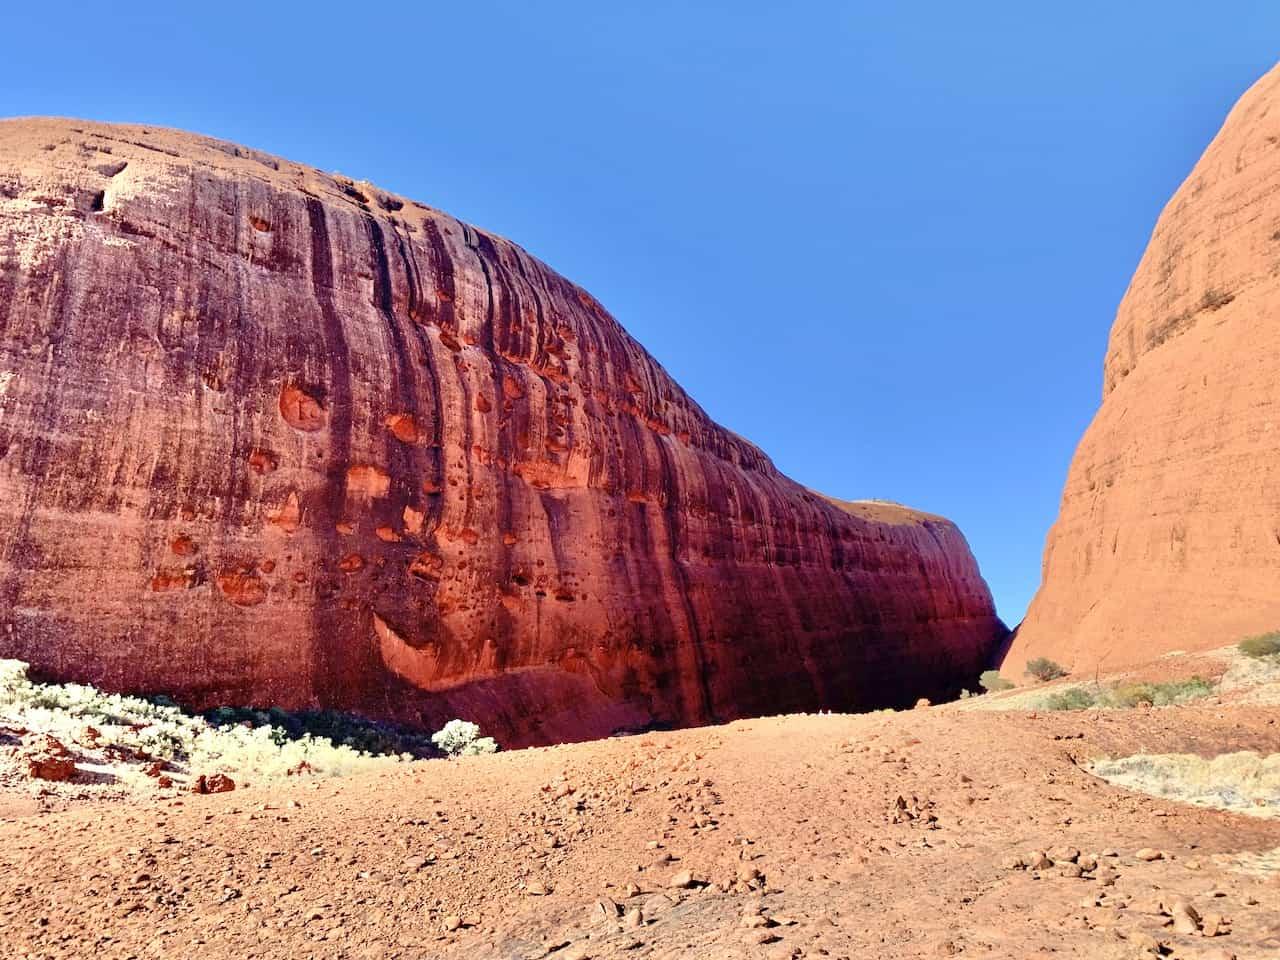 Kata Tjuta Rock Formations